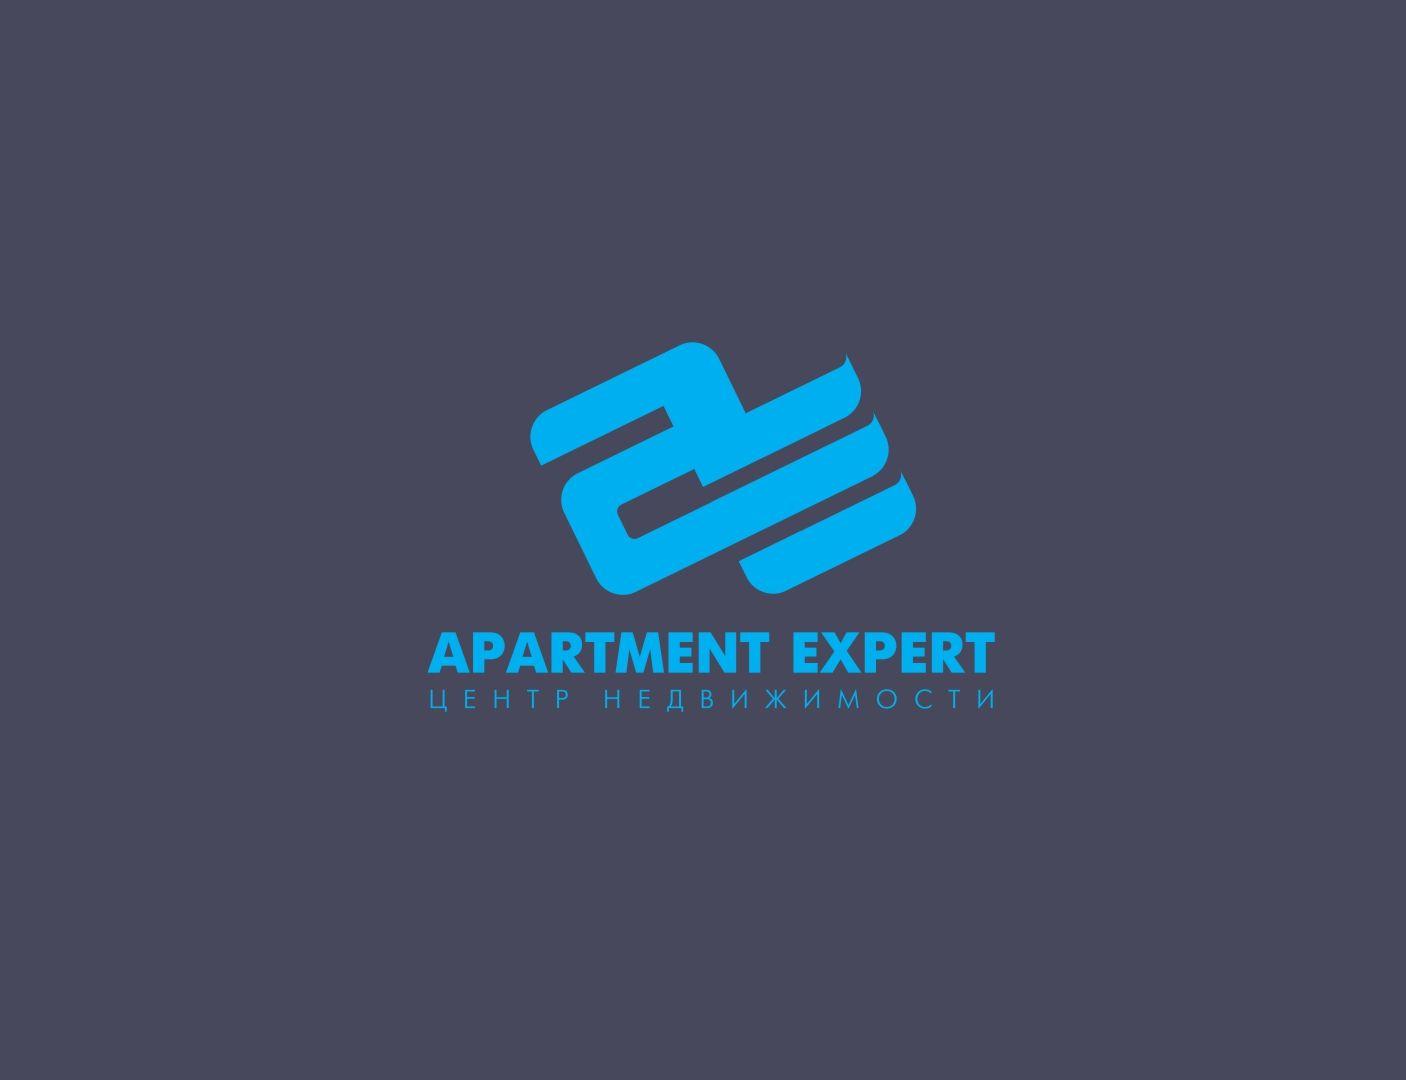 Логотип для APARTMENT EXPERT - ЦЕНТР НЕДВИЖИМОСТИ - дизайнер F-maker